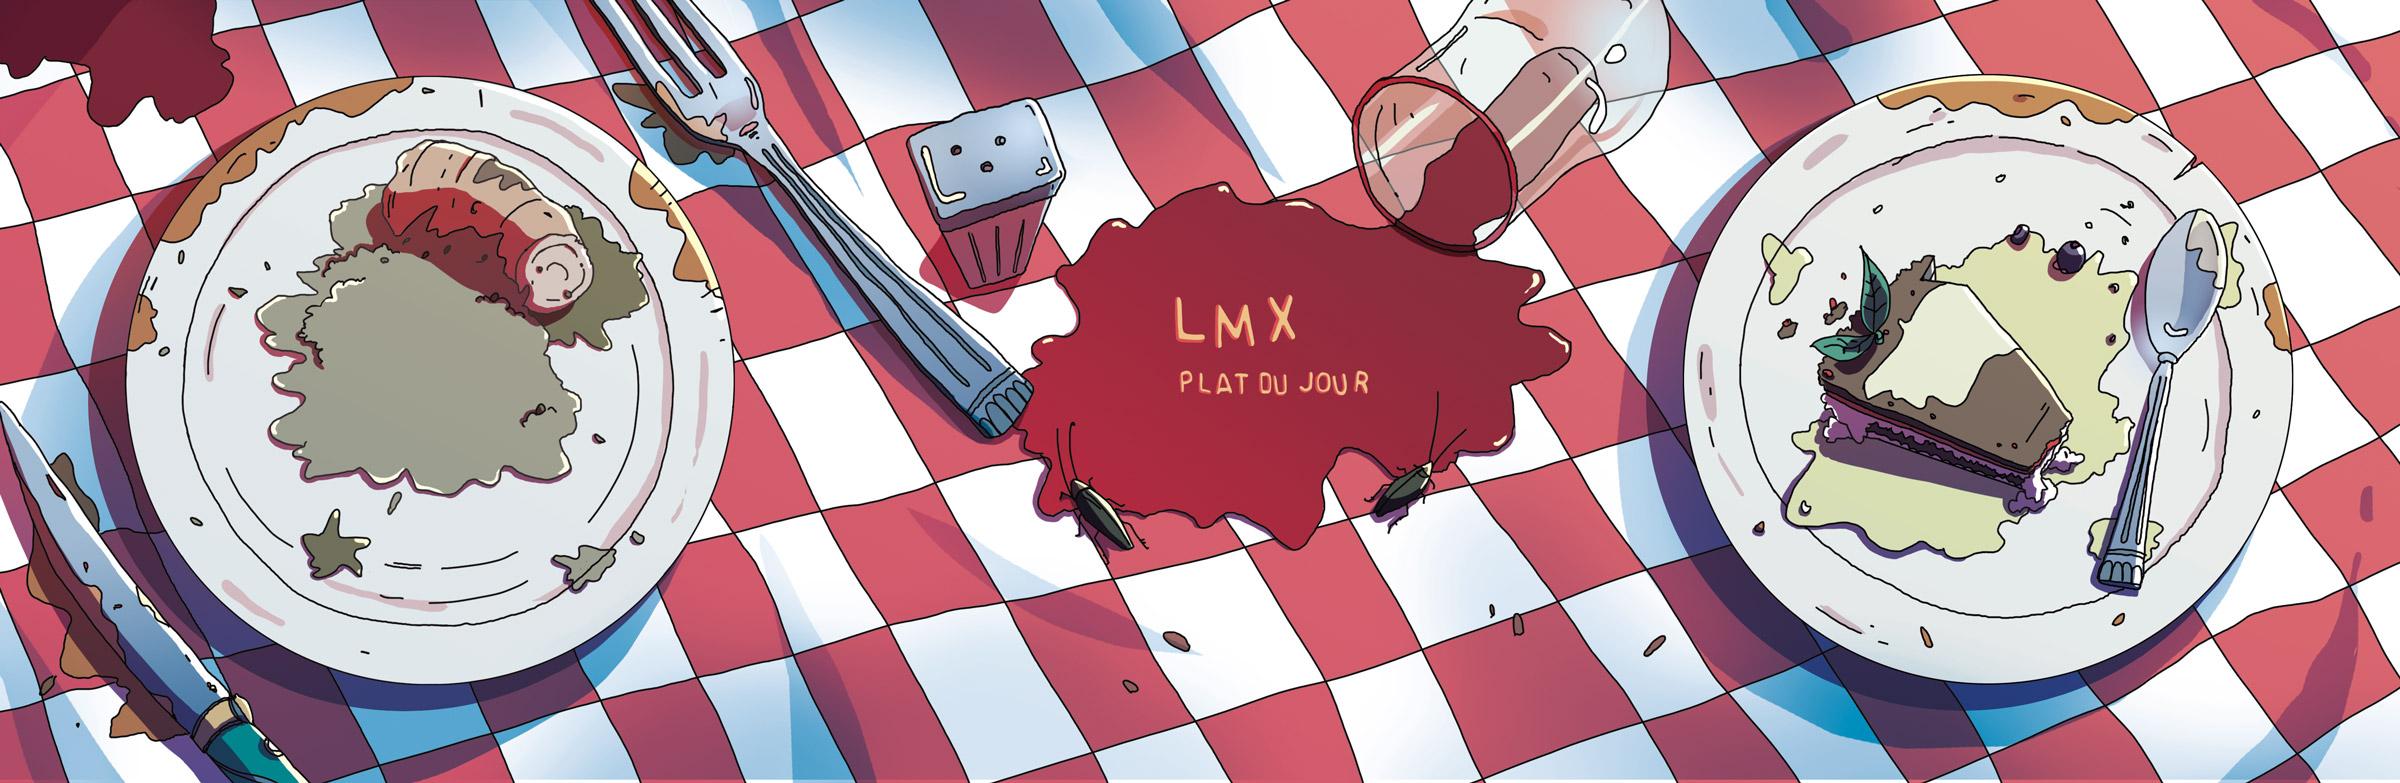 lmx - plat du jour - inside - romain laforet